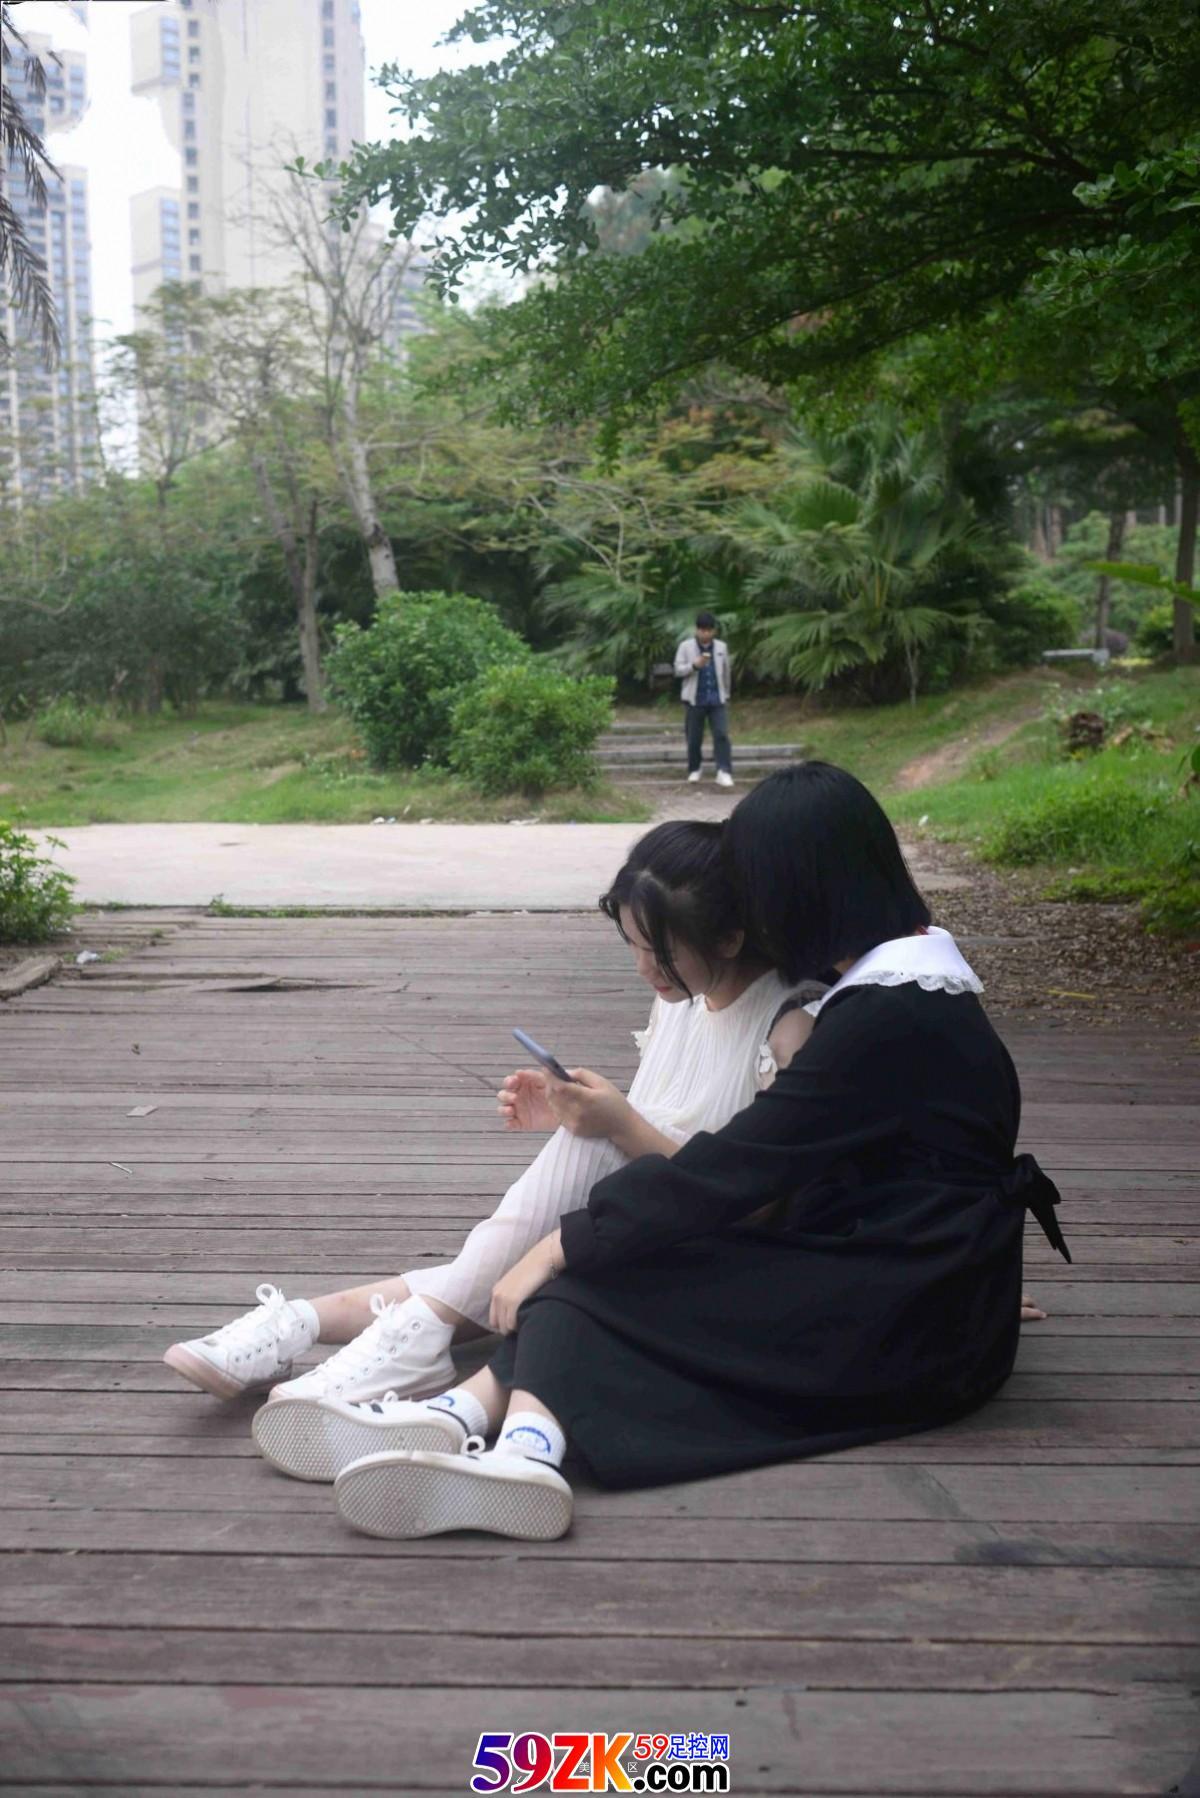 怎么自拍_两个可爱女生玩脚丫子_足控套图_59足控网 www.59ZK.com